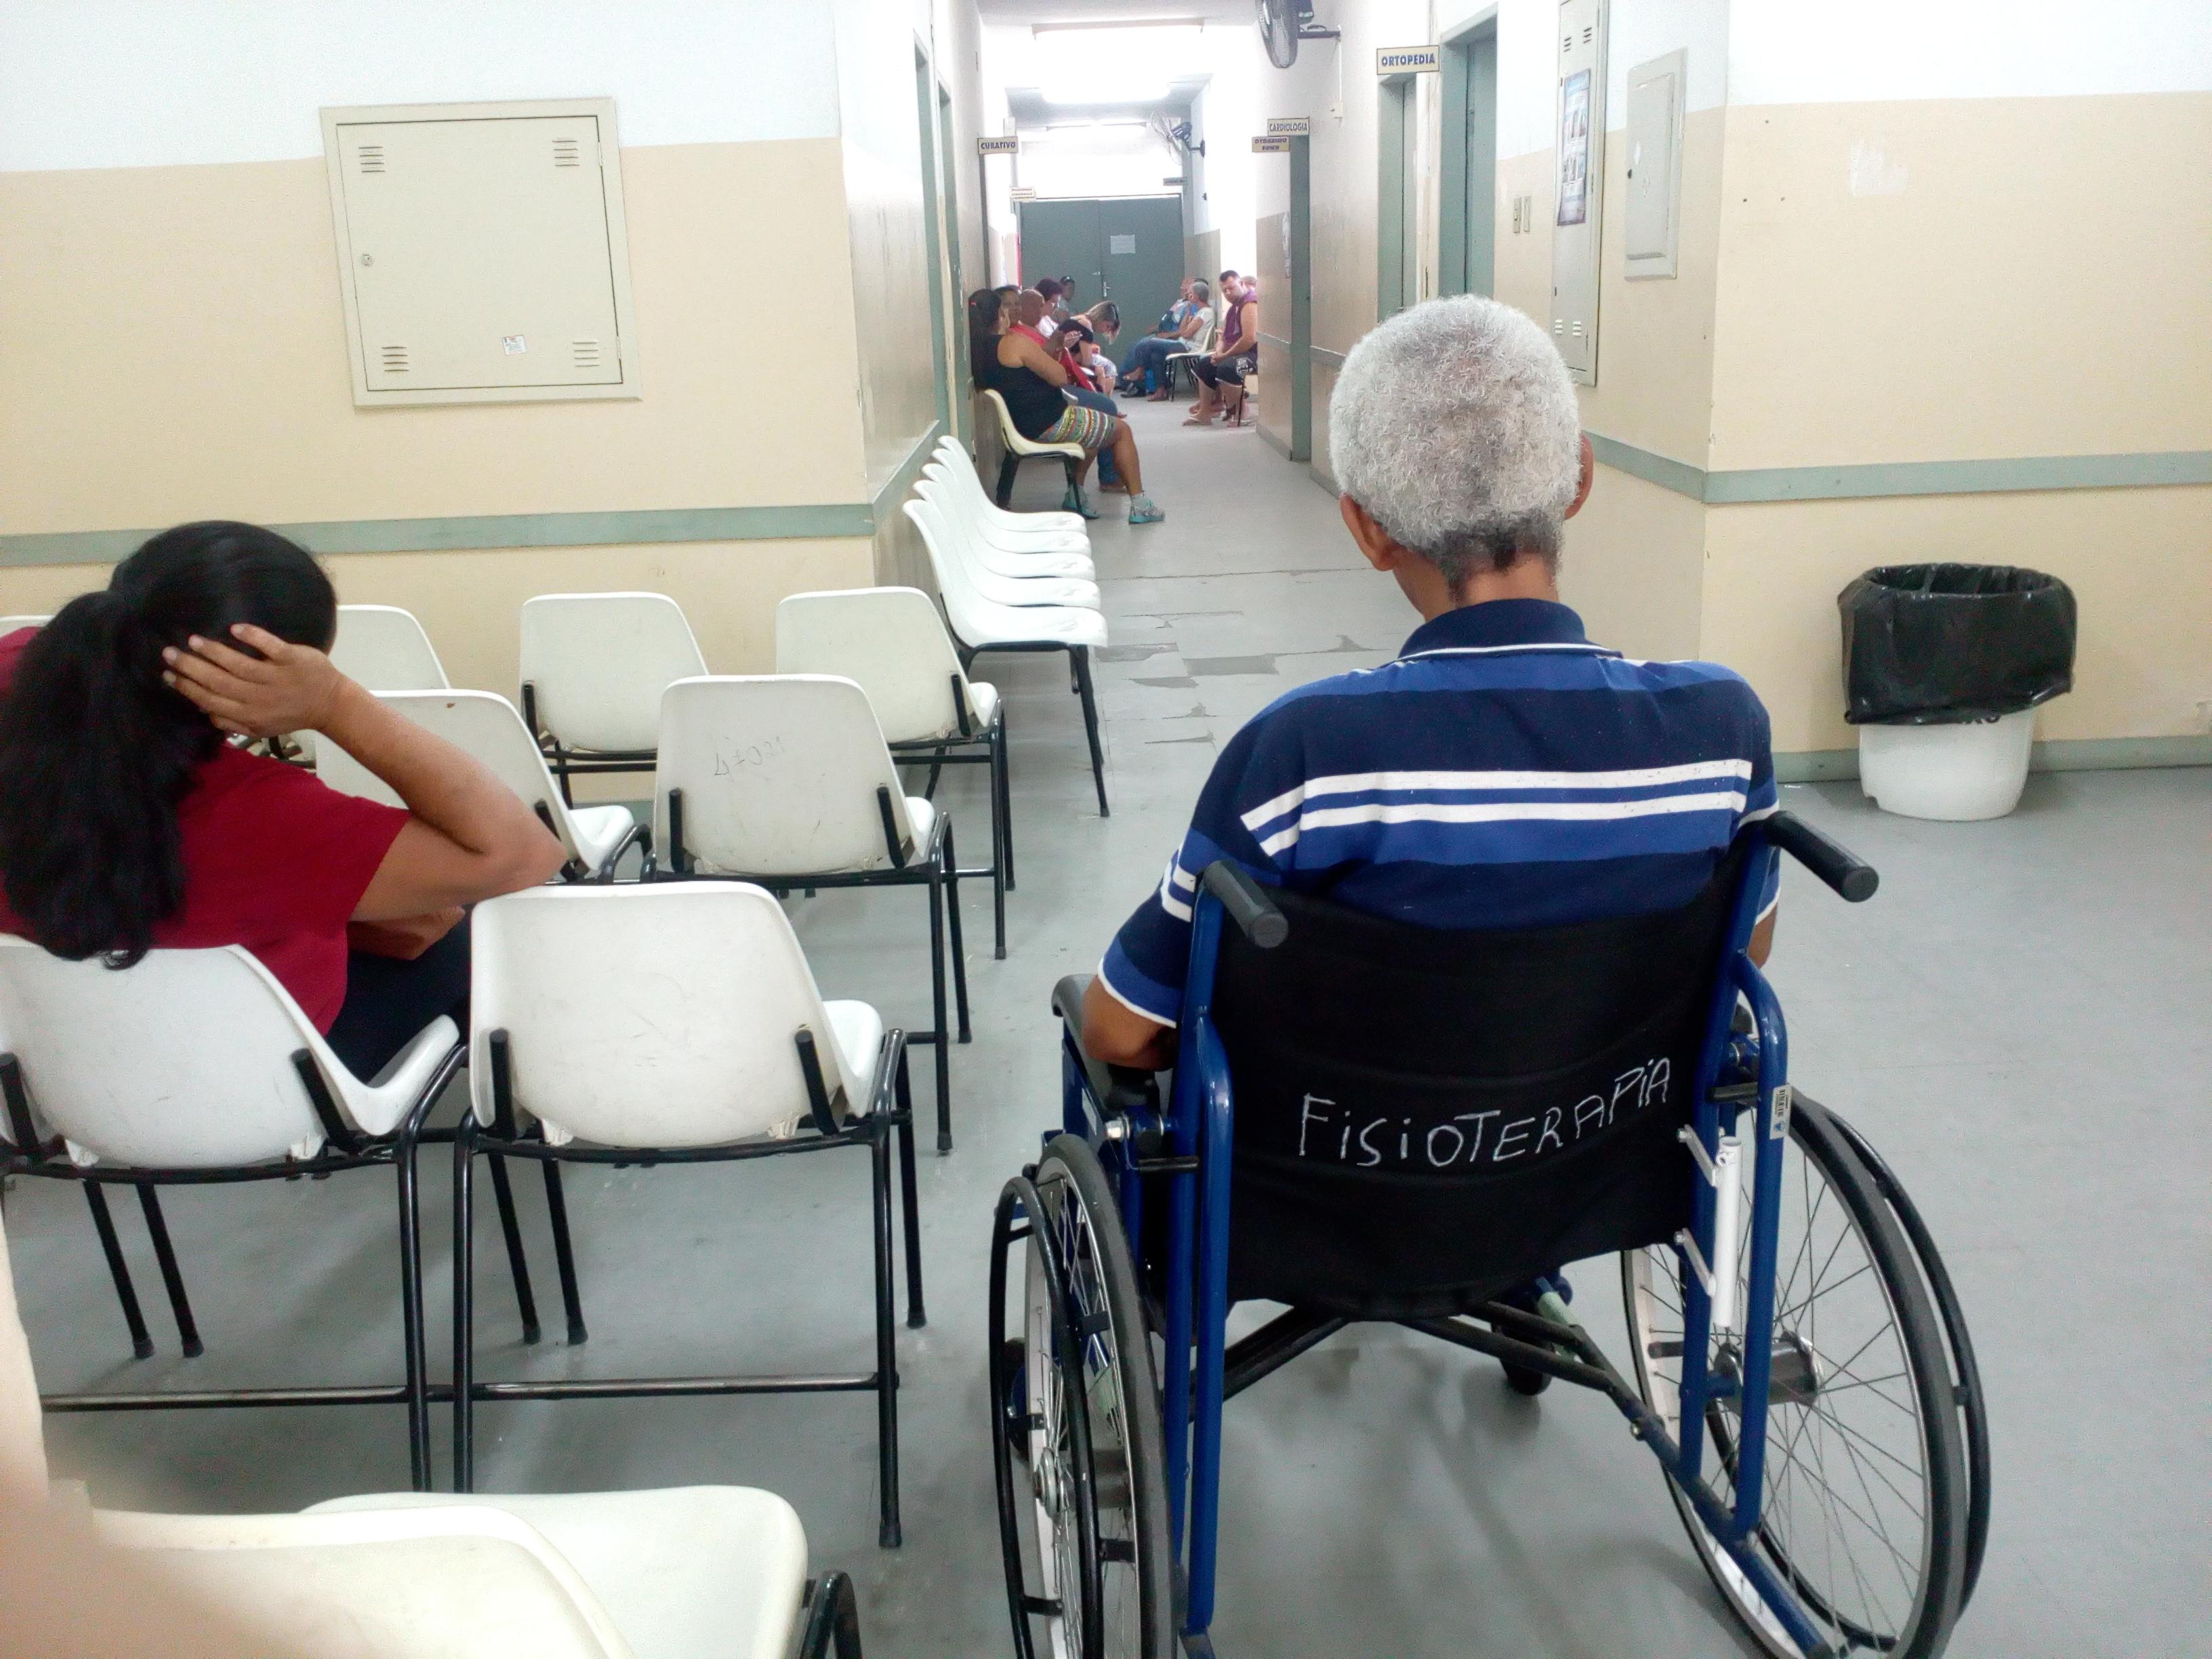 Pacientes aguardam atendimento no ARE; reclamações se intensificaram nos últimos meses (Foto: Maria Fernanda Rezende)